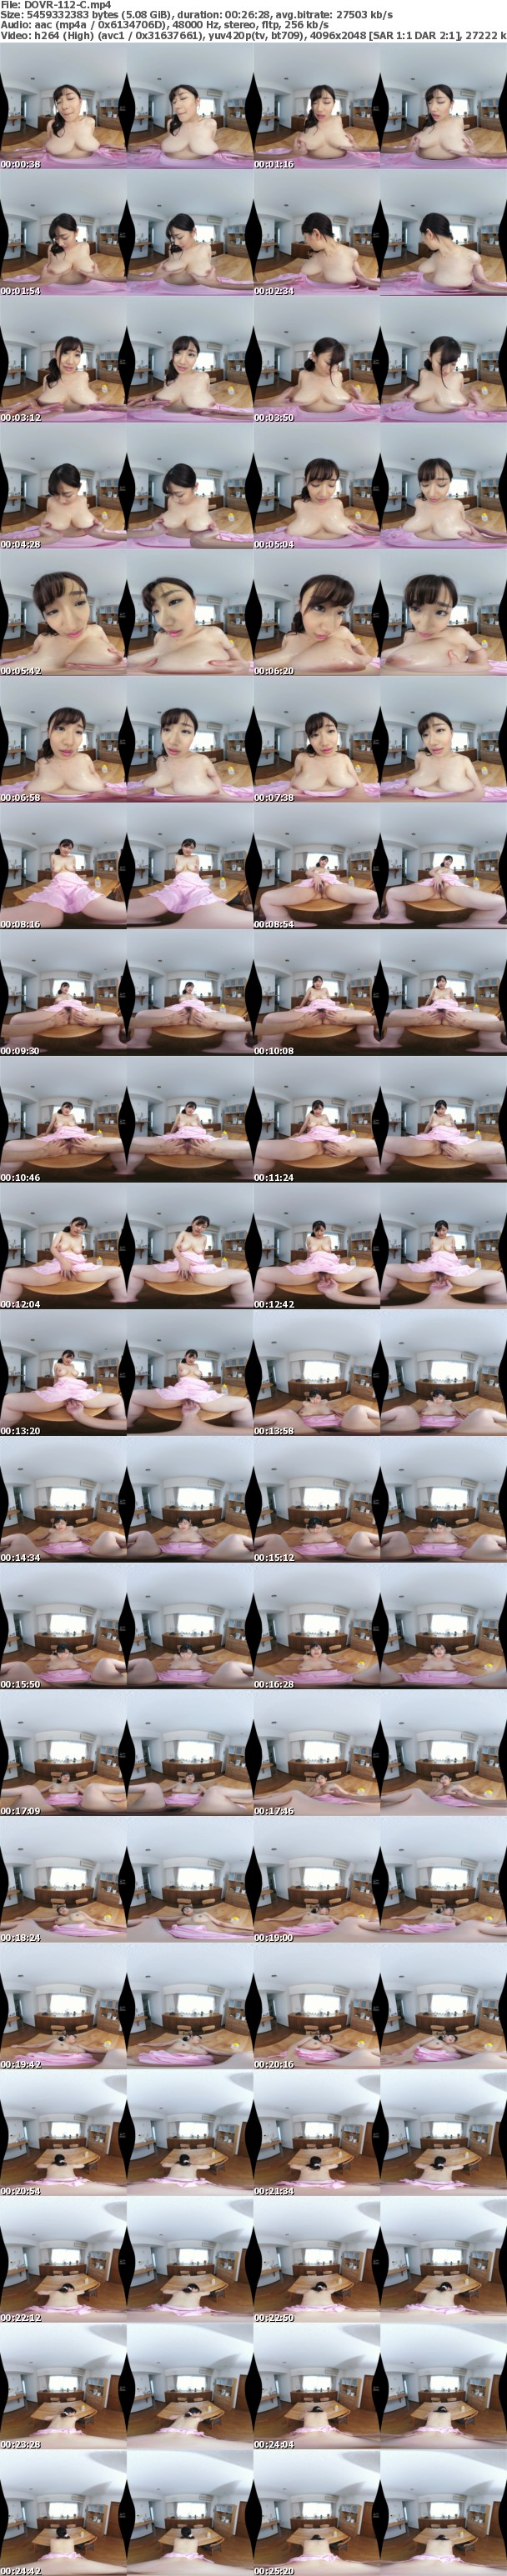 (VR) DOVR-112 爆乳家政婦が最後は眠りに導きます!やすらぎを体験できる高精細VR 小梅えな